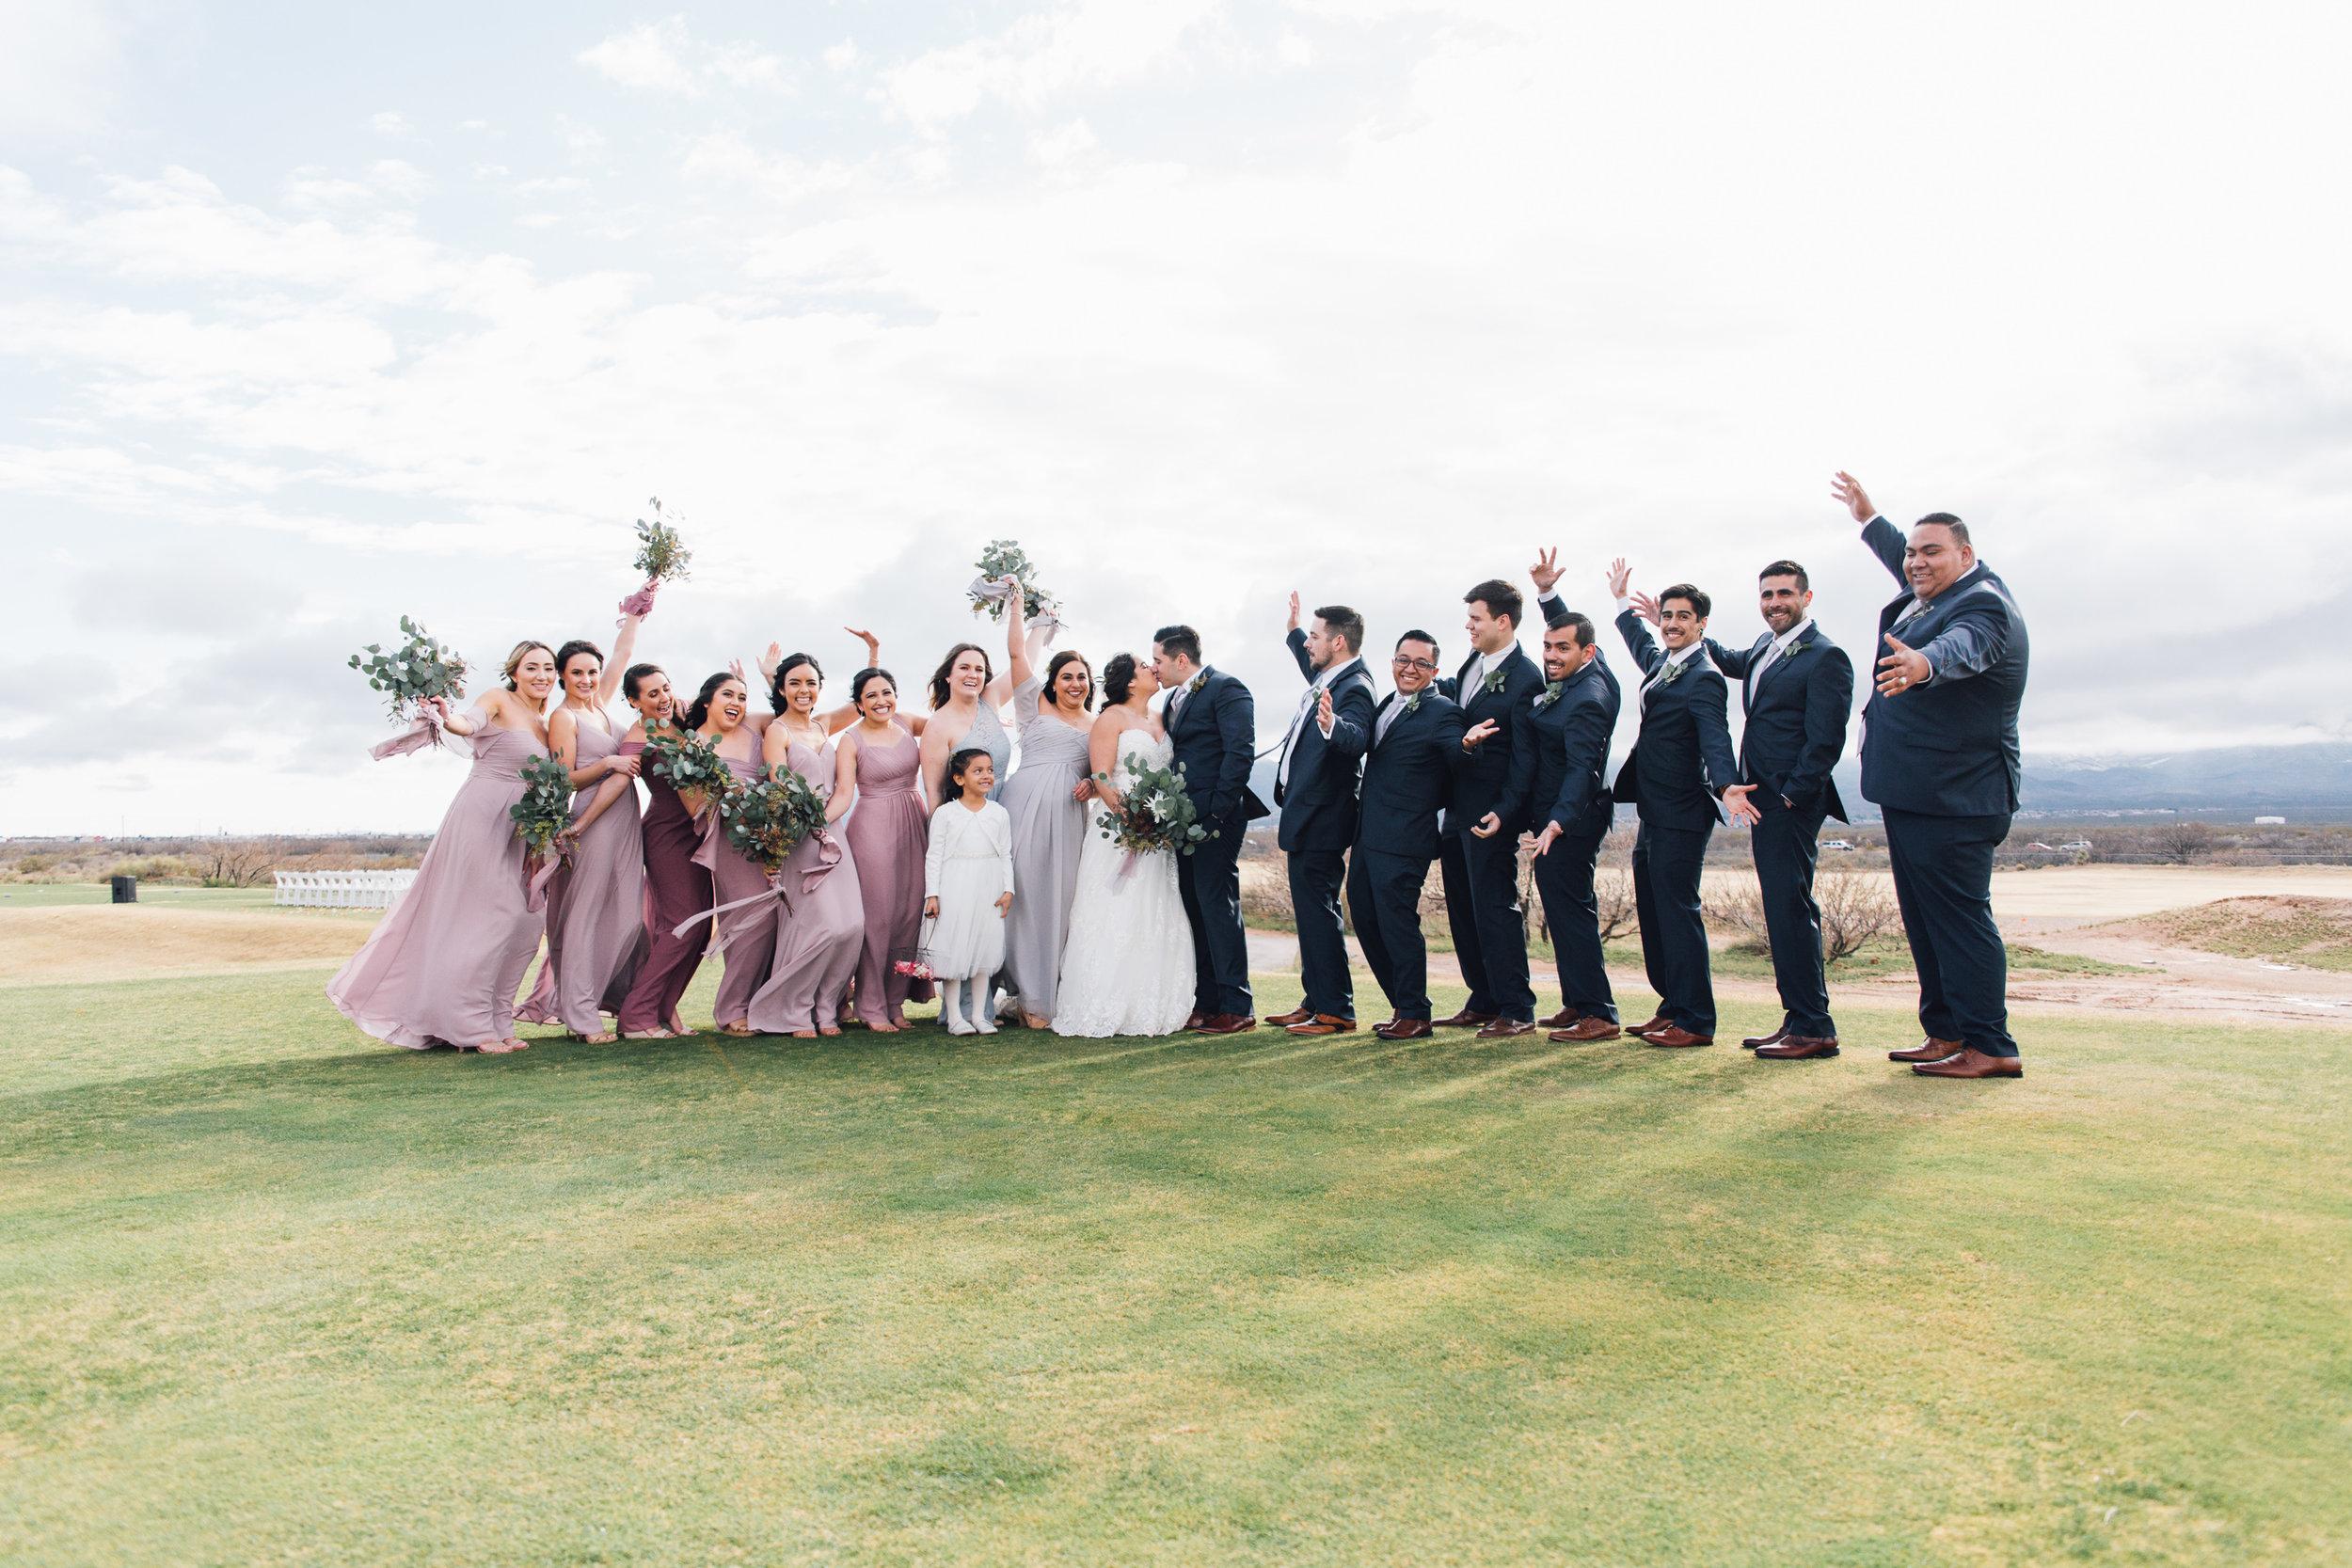 painted-dunes-el-paso-wedding_0025.jpg